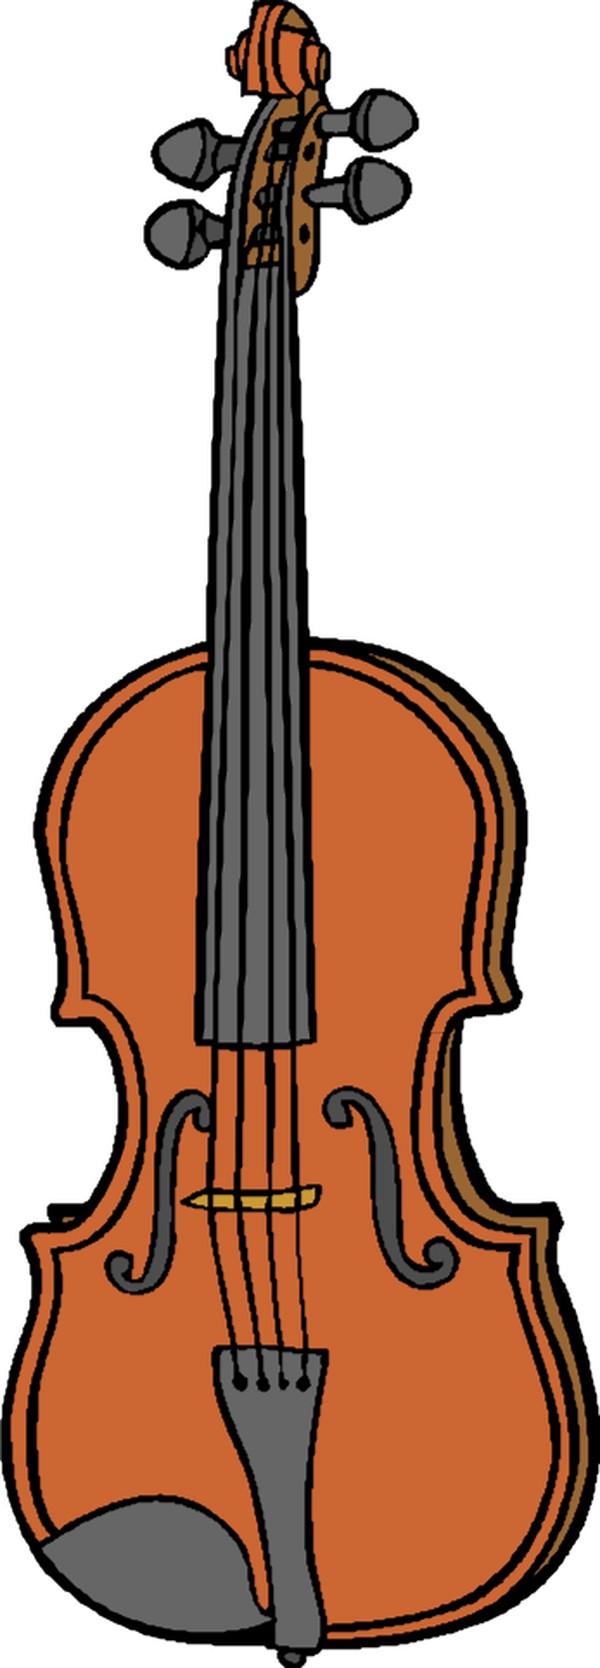 乐器 设计 矢量 矢量图 素材 600_1668 竖版 竖屏